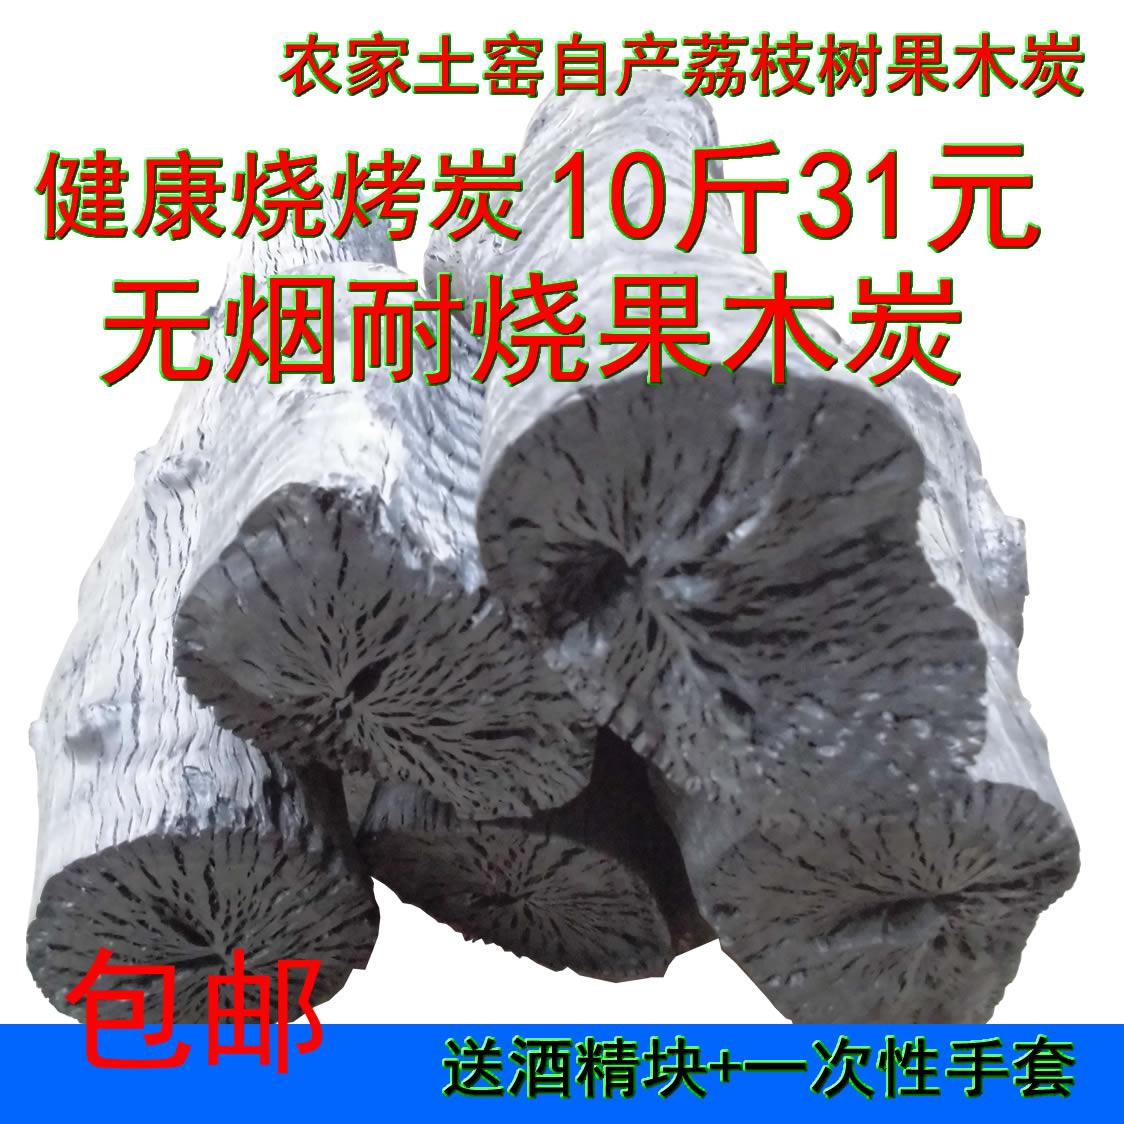 Барбекю углерод нефелиум фрукты уголь войти уголь нет дым барбекю уголь натуральные фрукты уголь охрана окружающей среды уголь 10 цзин, единица измерения веса